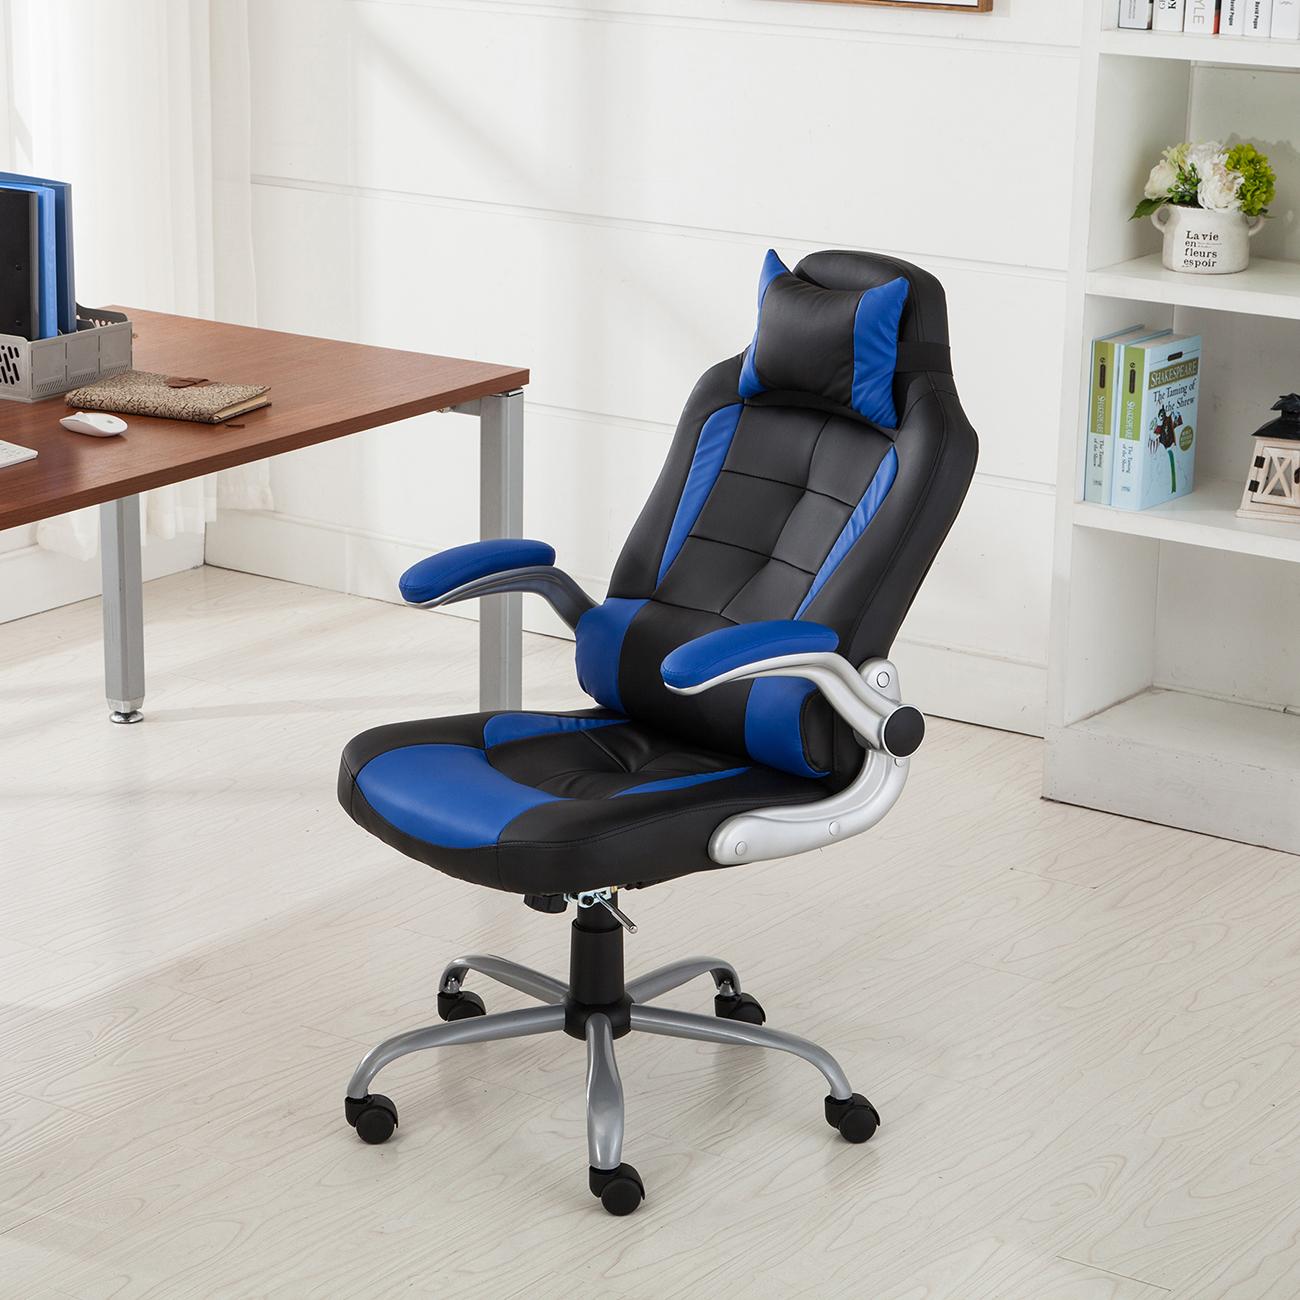 reclining office chair design ideas